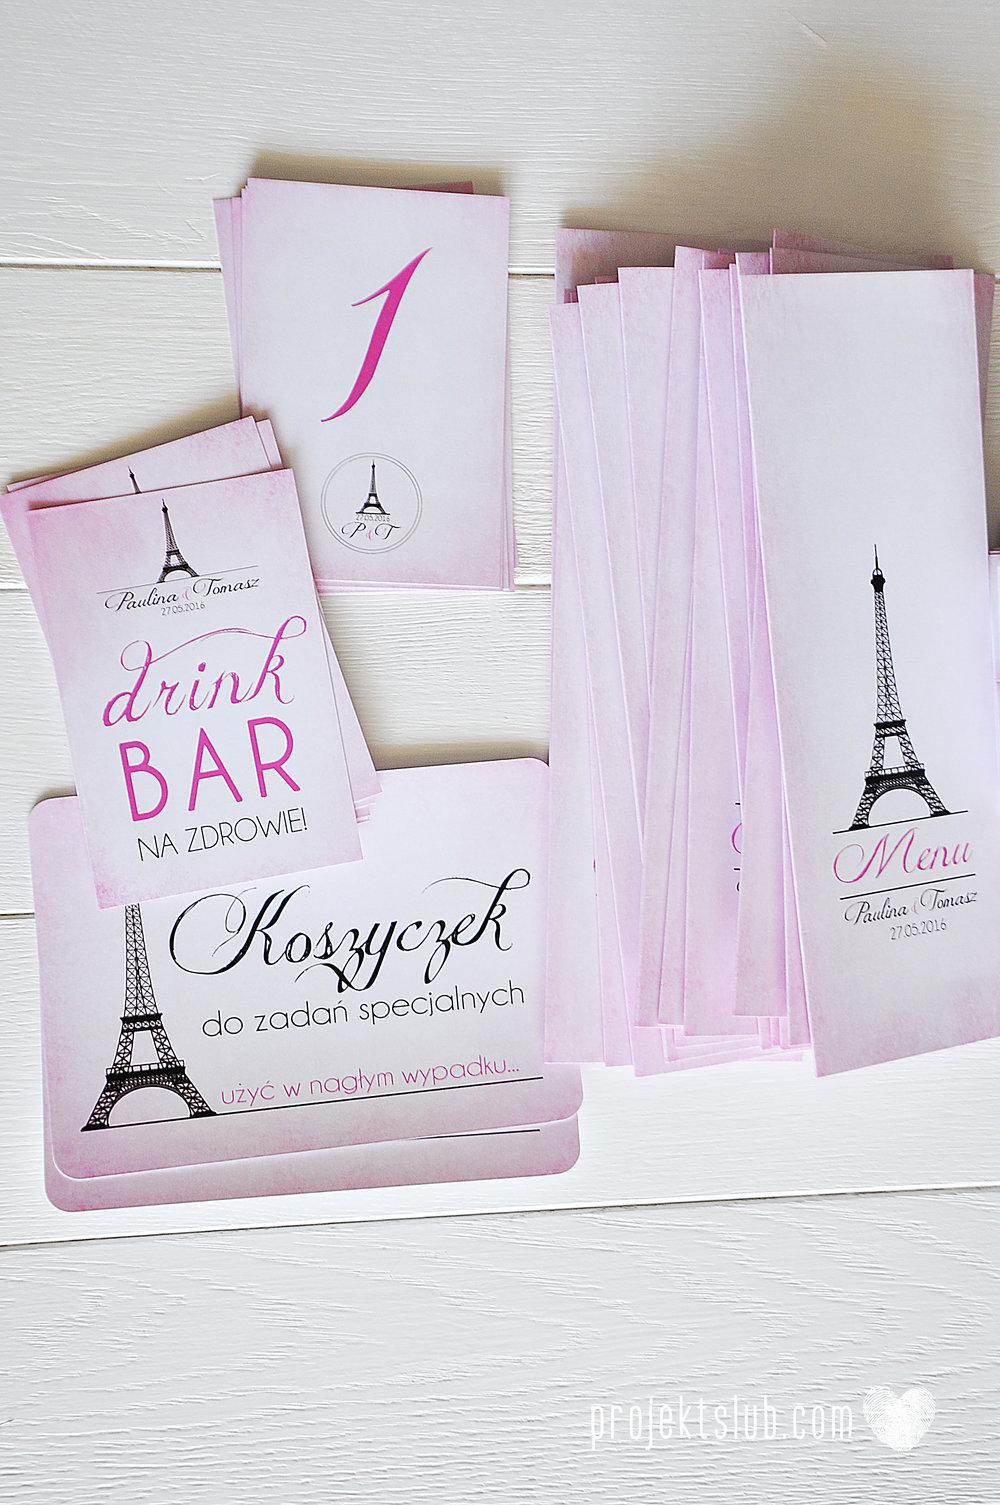 zaproszenia ślubne z kokardą eleganckie oryginalne nowoczesne rysunkowe pastelowe pudrowy róż wieża eiffel zakochani w paryżu zdjęcia  projekt ślub (17).jpg